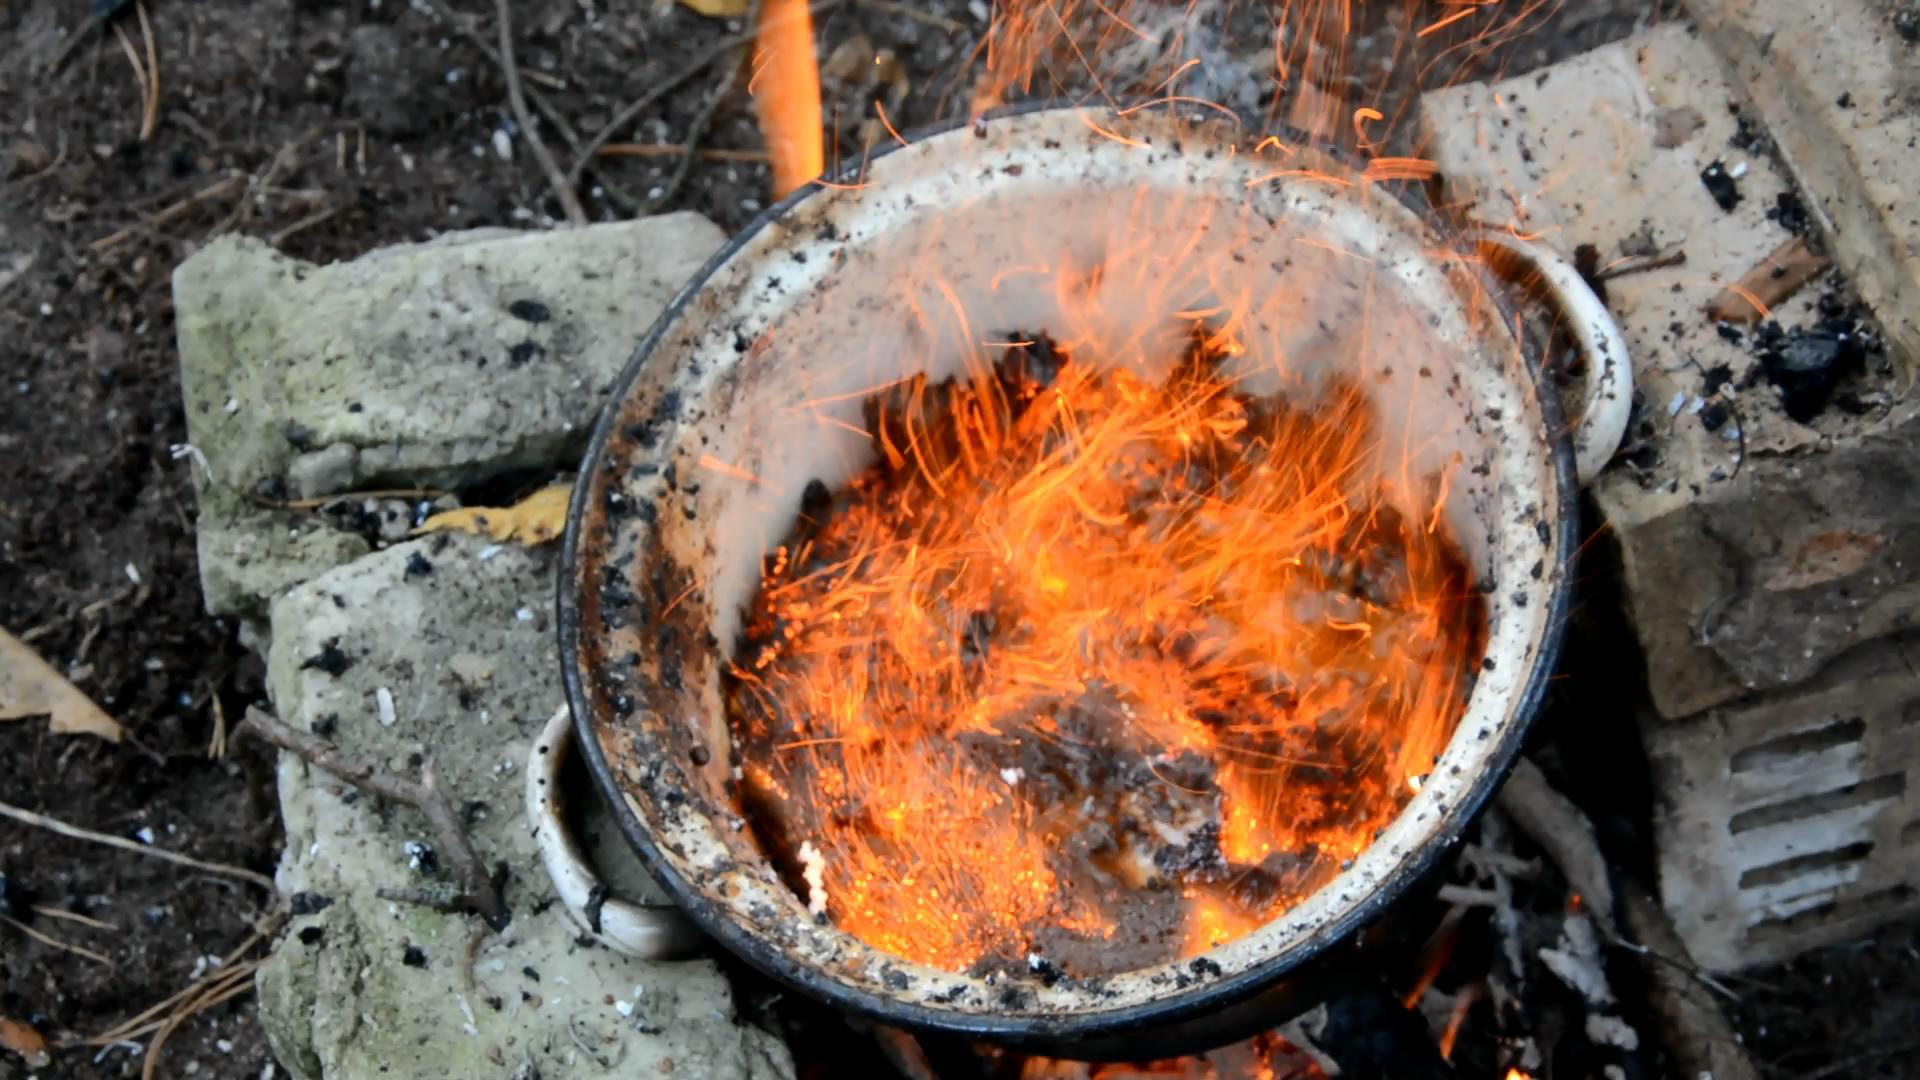 Нитрат аммония - 850 г и сахар - 150 г (горение смеси) / Ammonium Nitrate and Sugar (burning of the mixture)